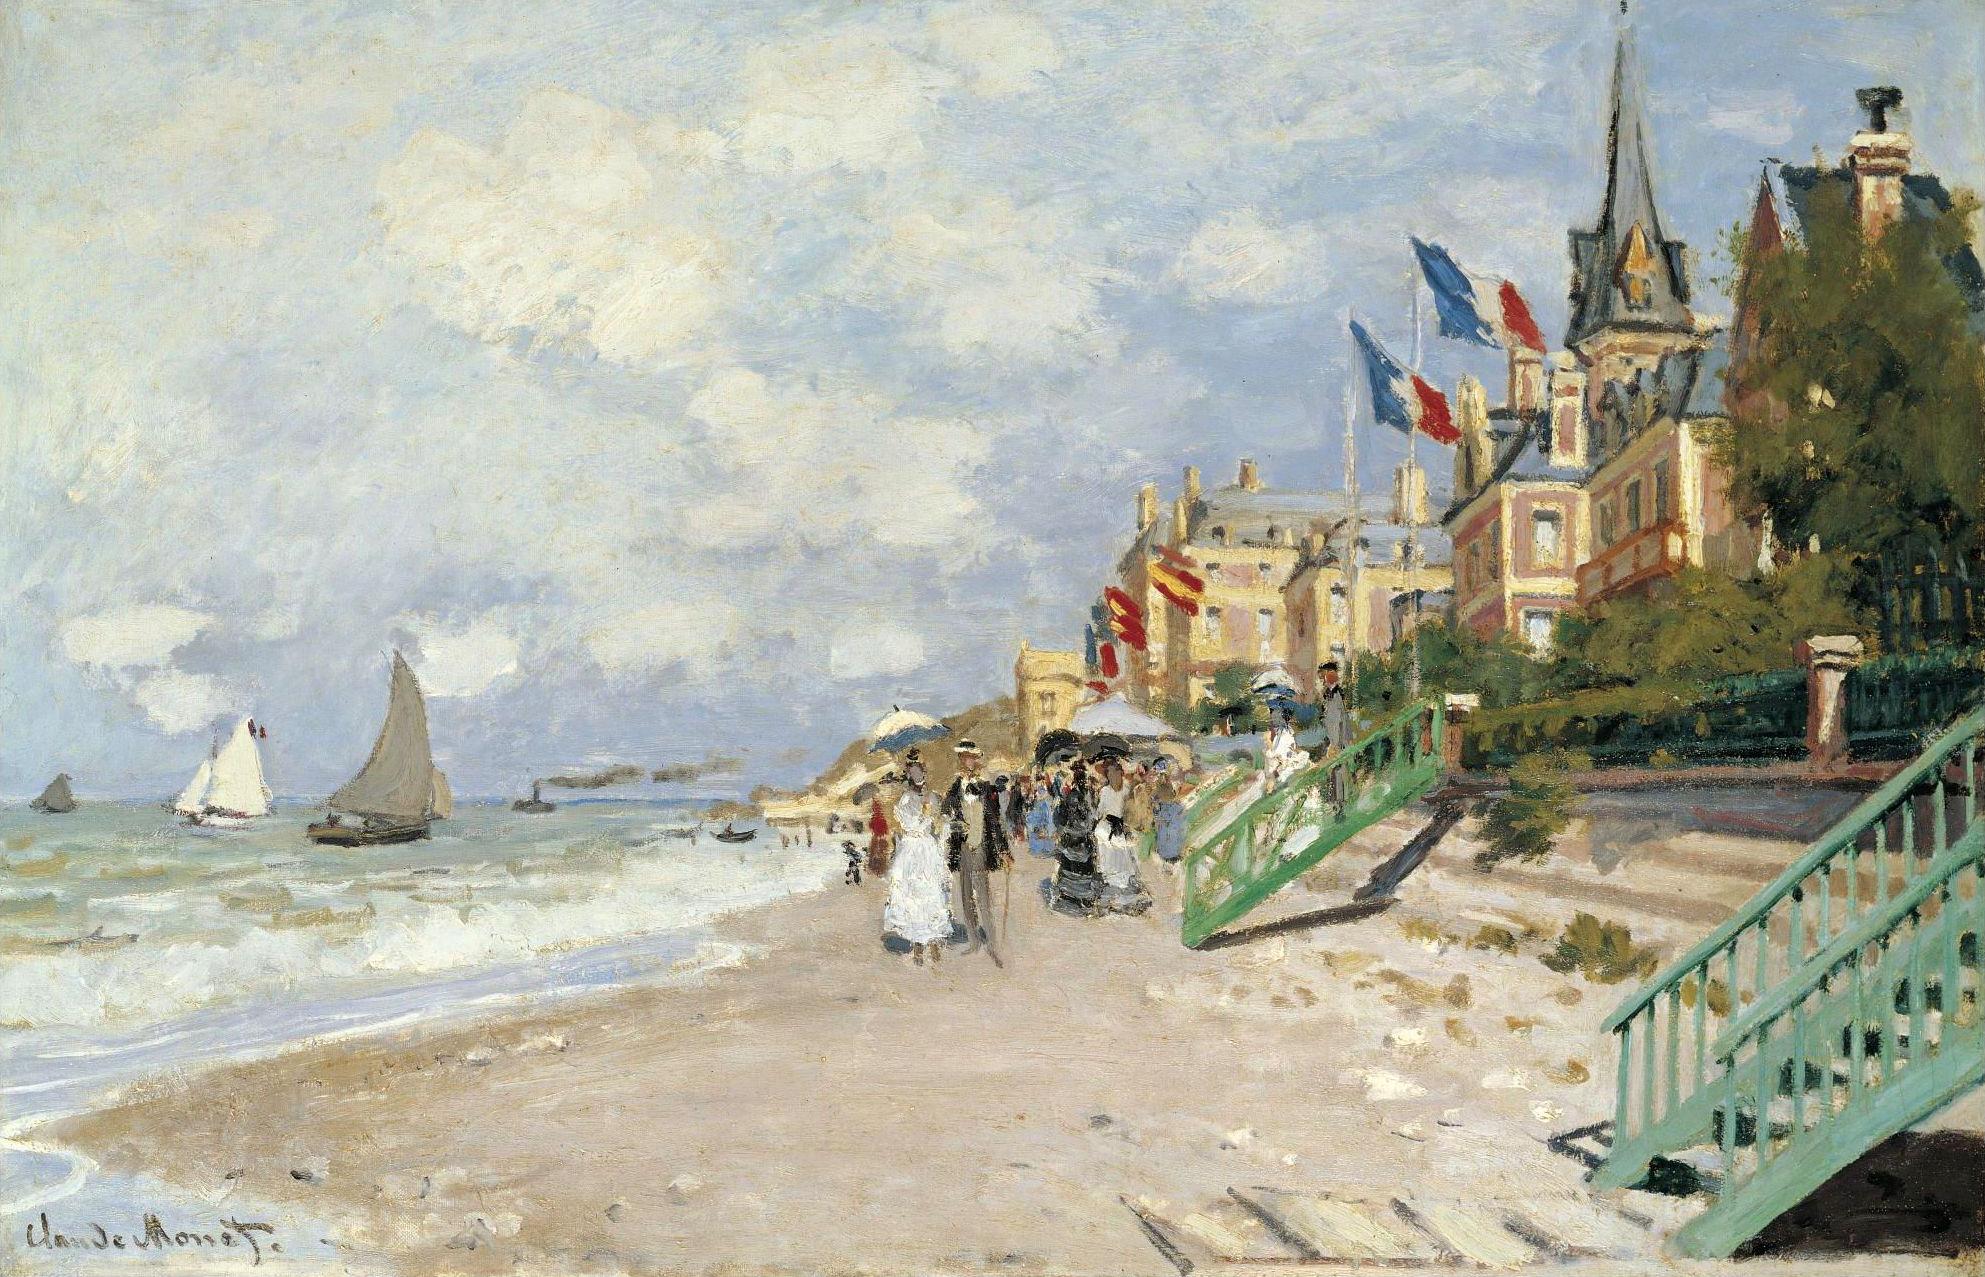 Artworks by Oscar Claude Monet (2 часть) (231 работ) » Картины, художники,  фотографы на Nevsepic